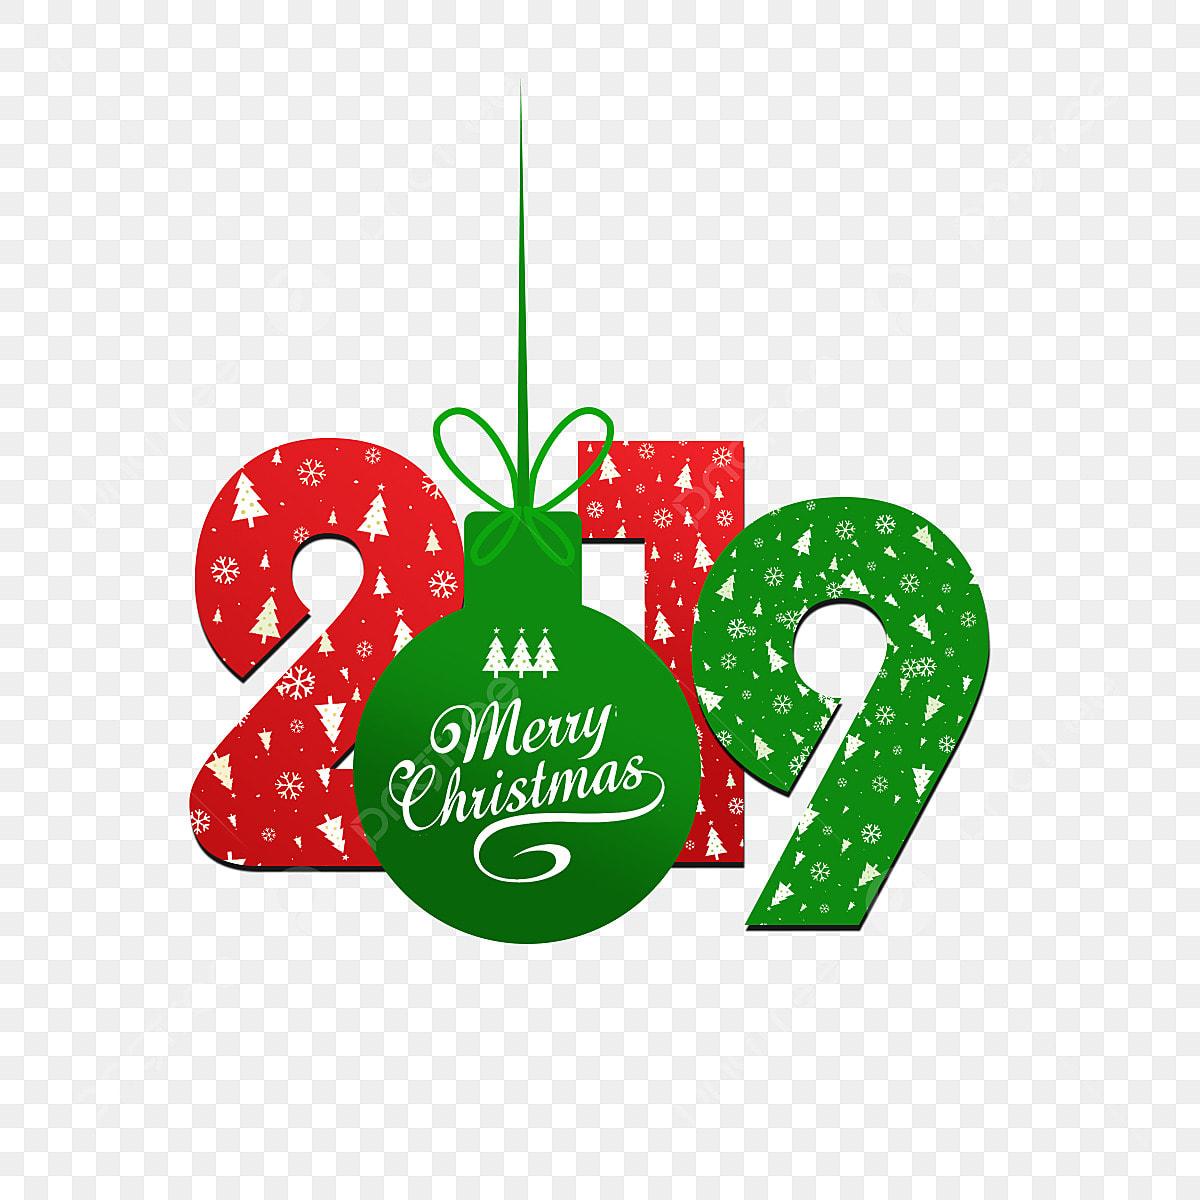 Imagenes De Navidad 2019.Navidad Ano Nuevo De 2019 Texto Navidad Navidad Ano Nuevo